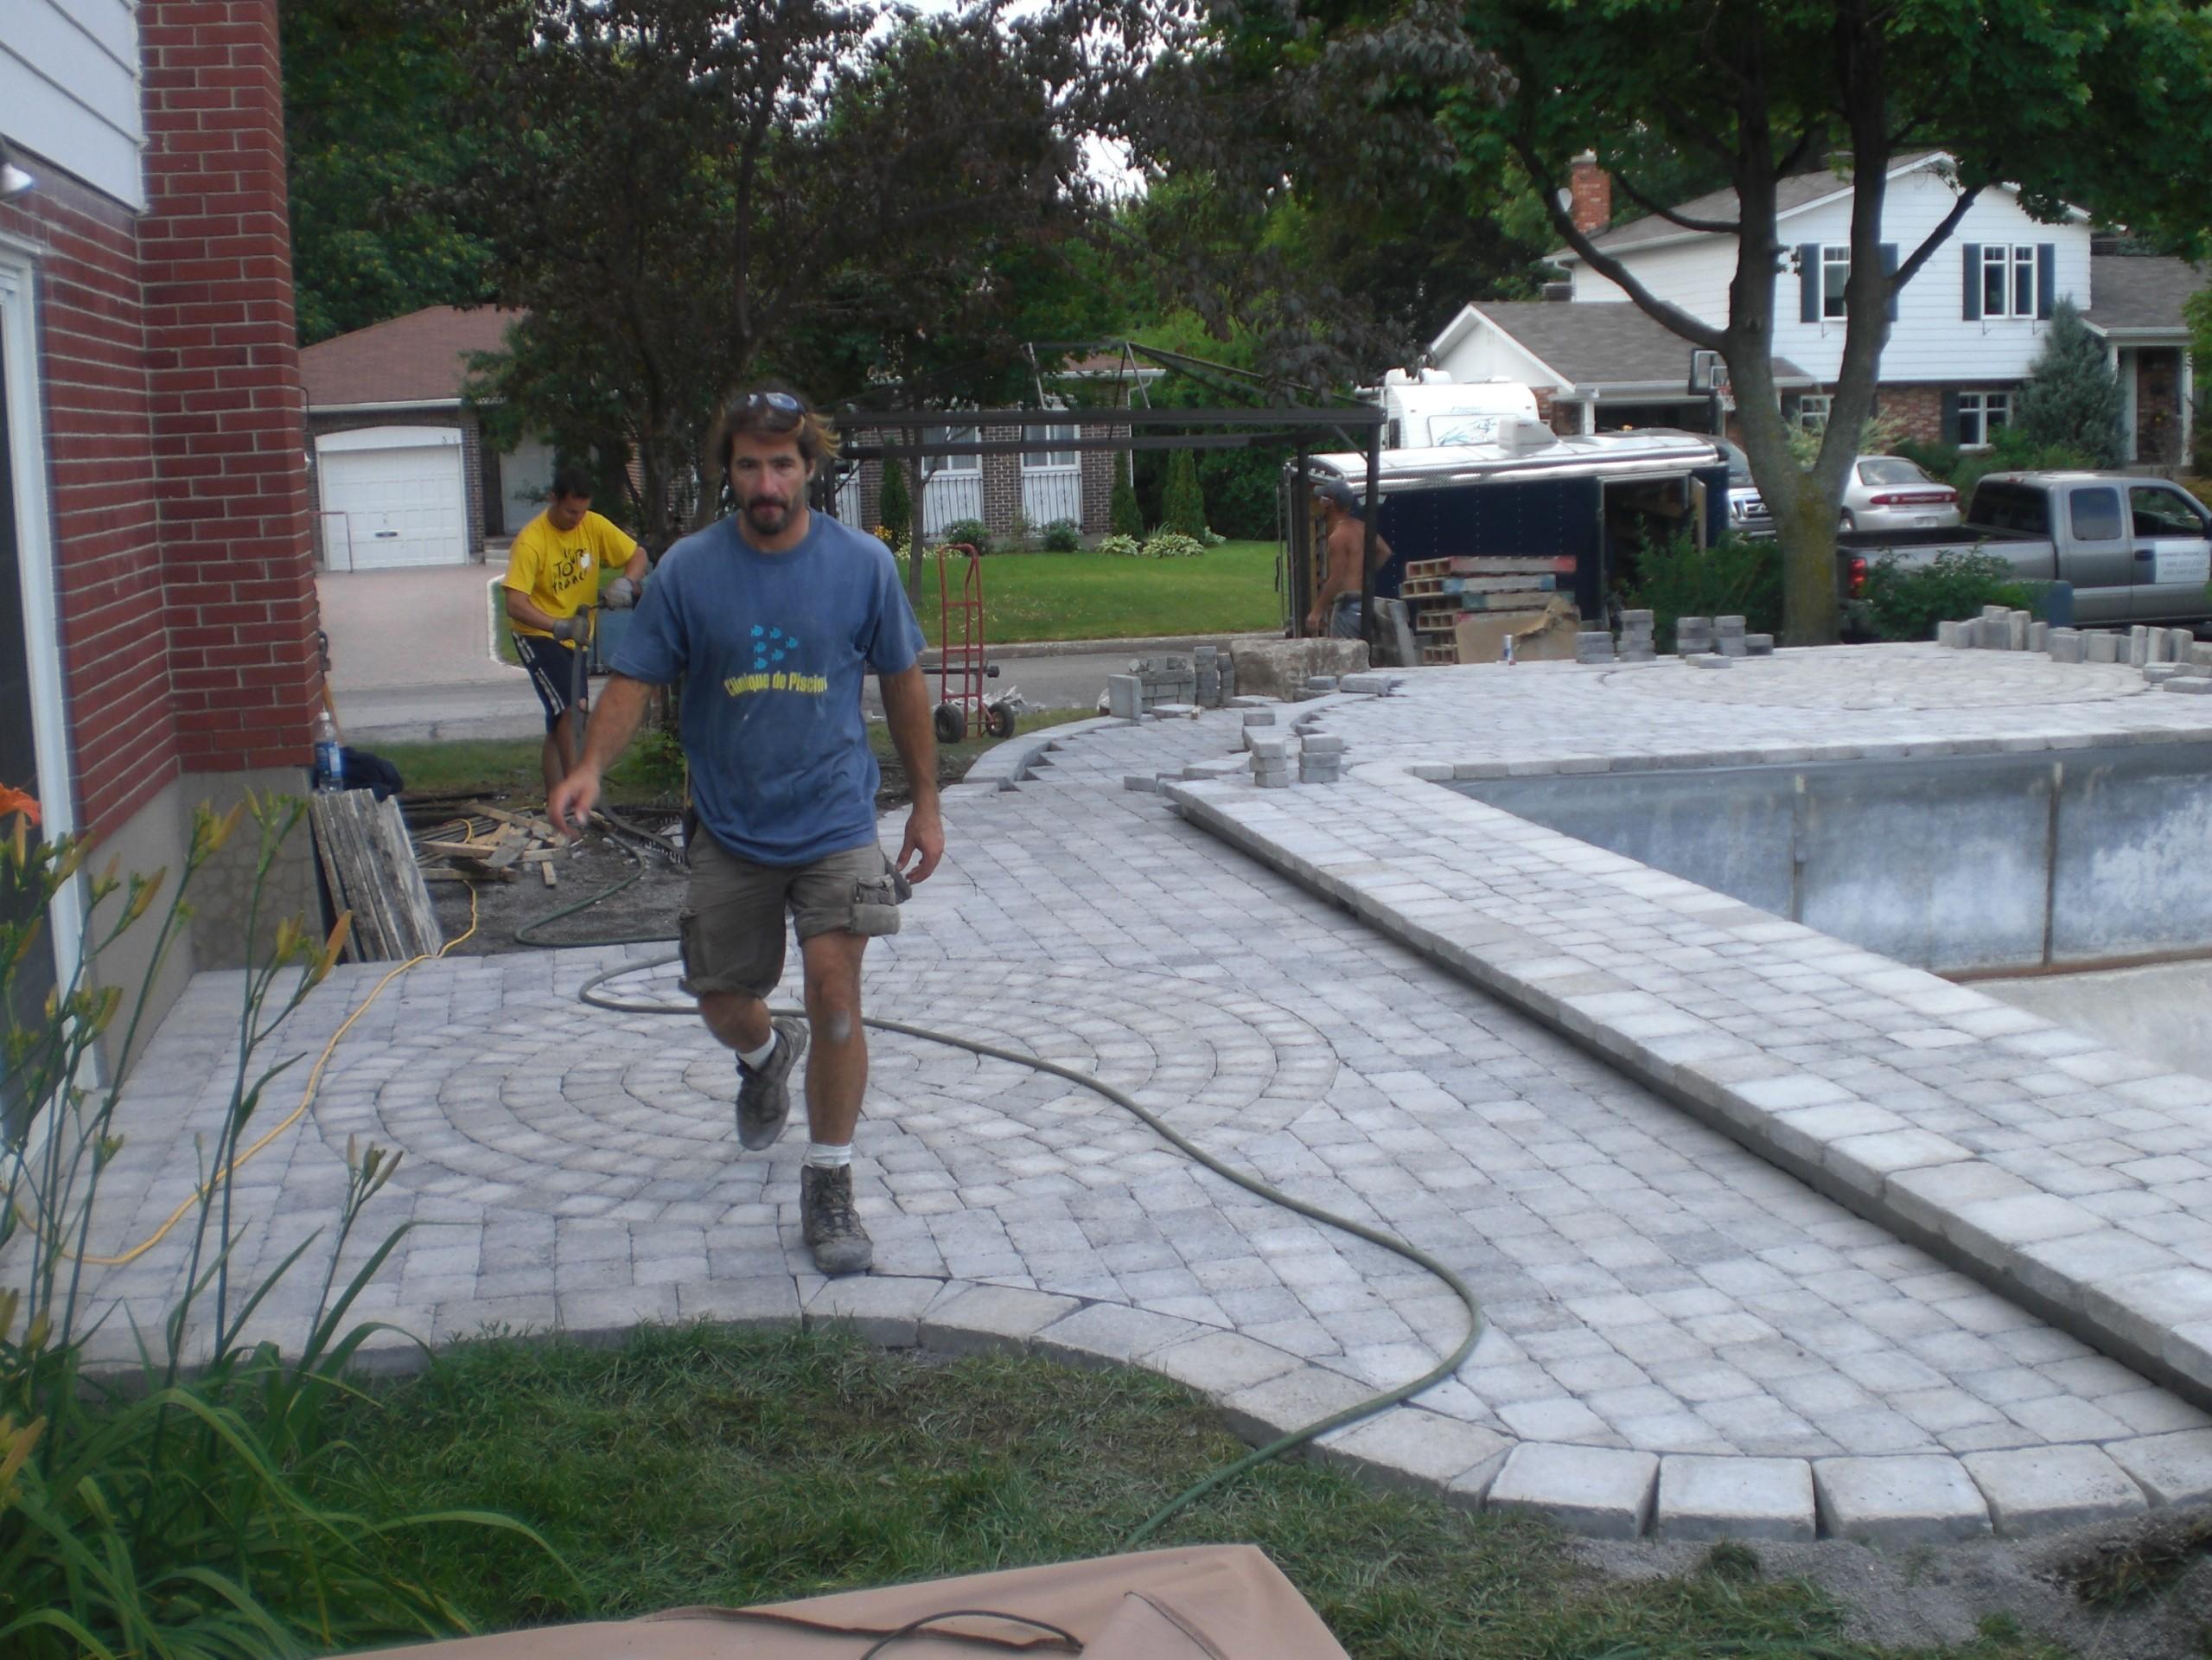 piscine 01 juillet 09 007.jpg